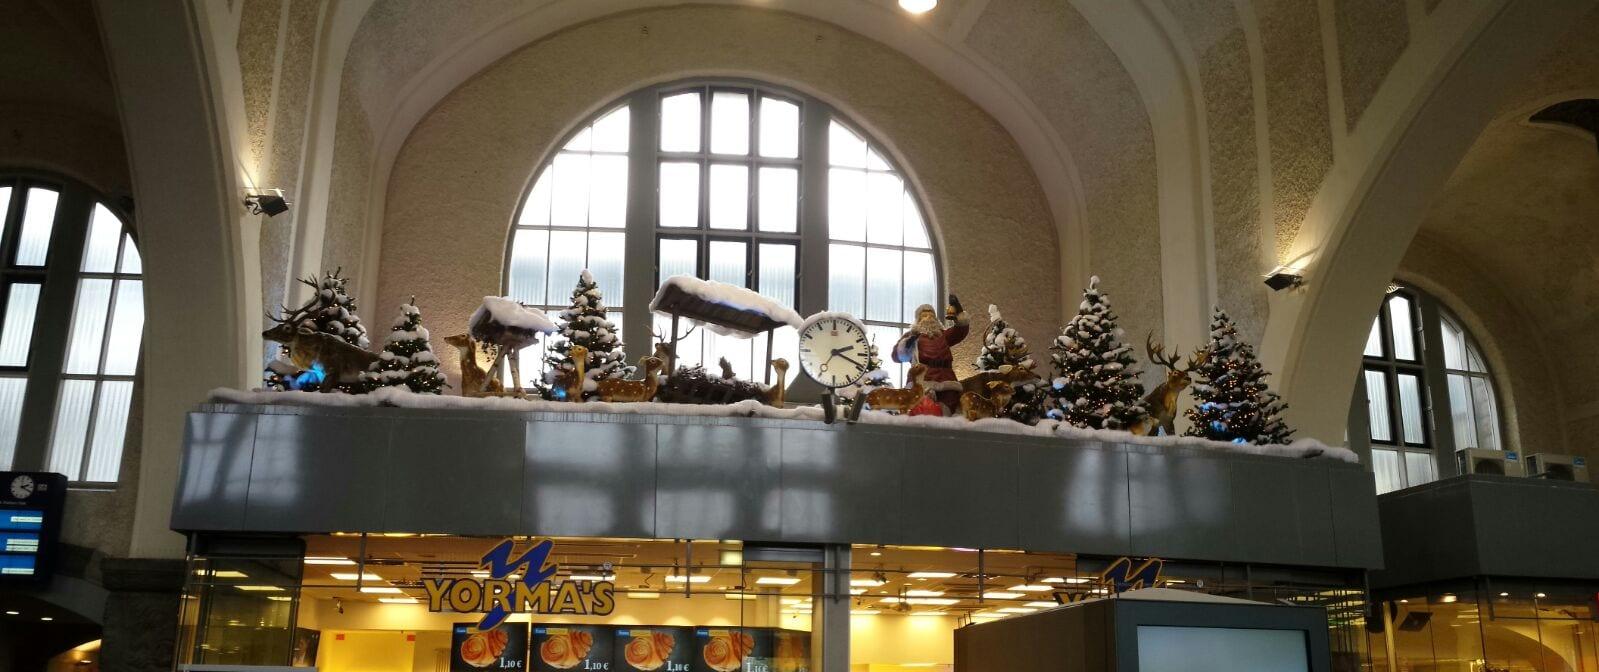 Weihnachtsdekorationen 11